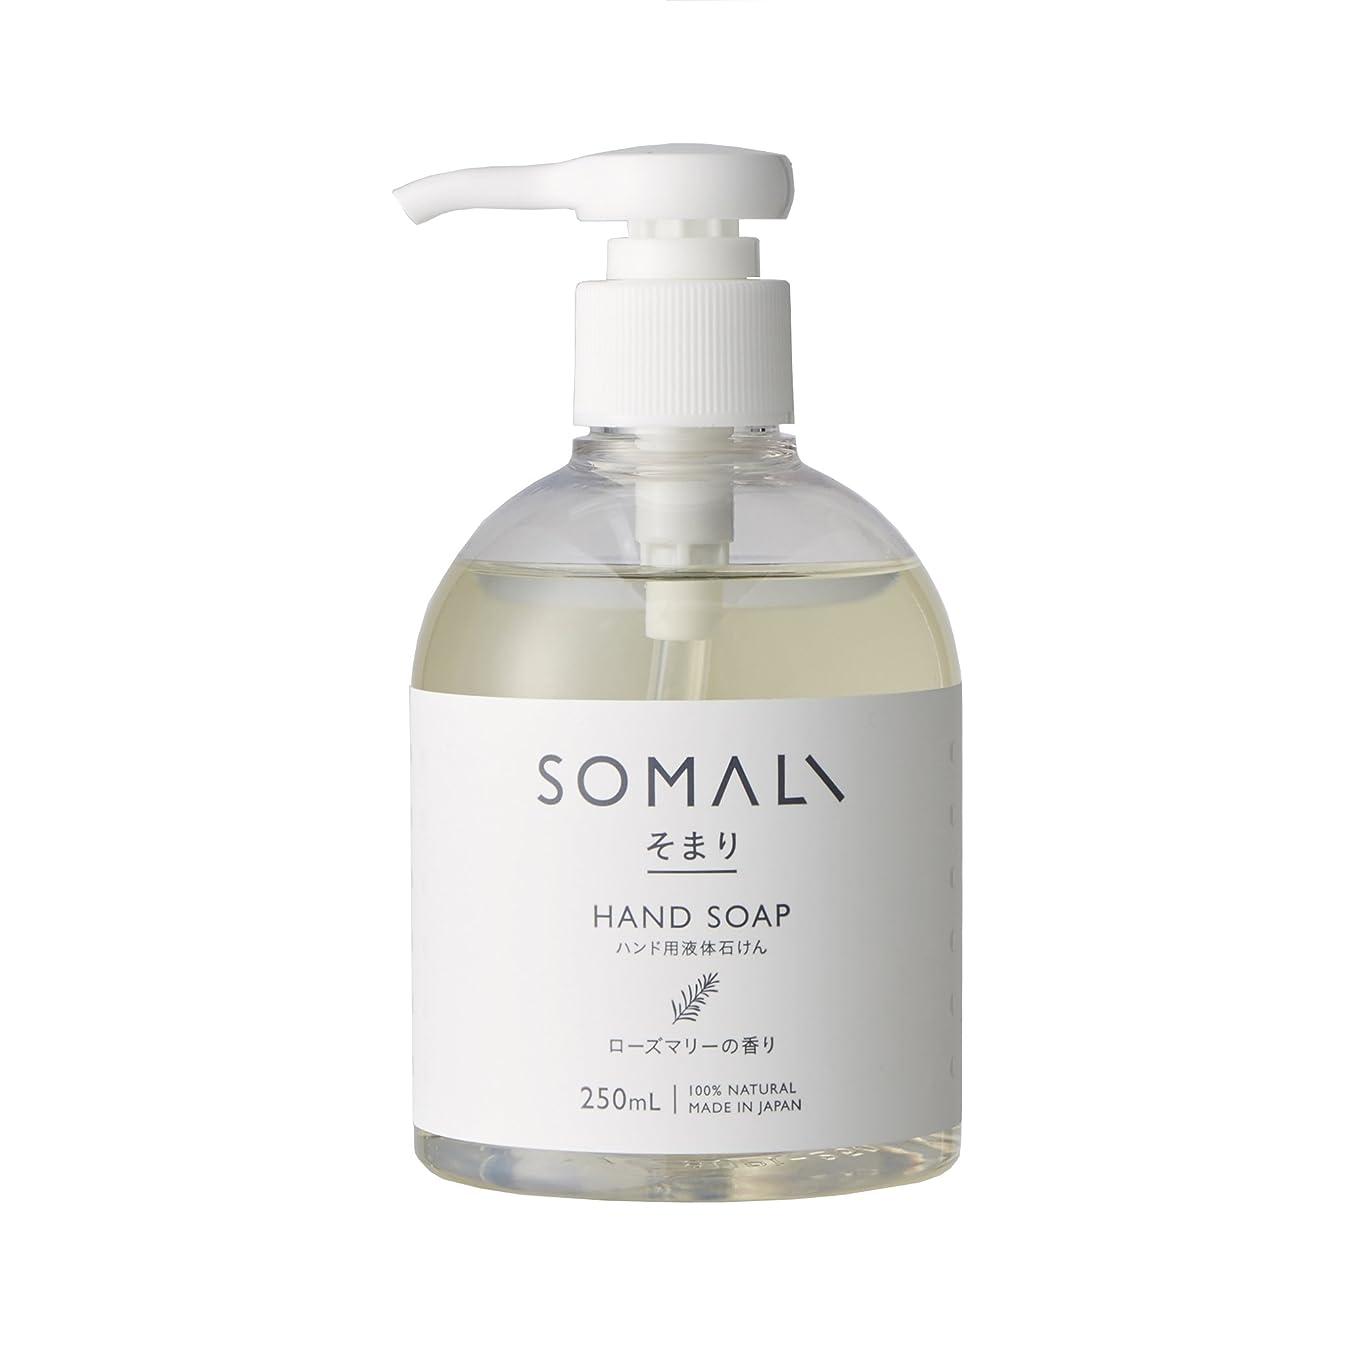 ほぼ洗剤定期的なソマリ(SOMALI)ハンドソープ(ローズマリー)250ml 【日本製】